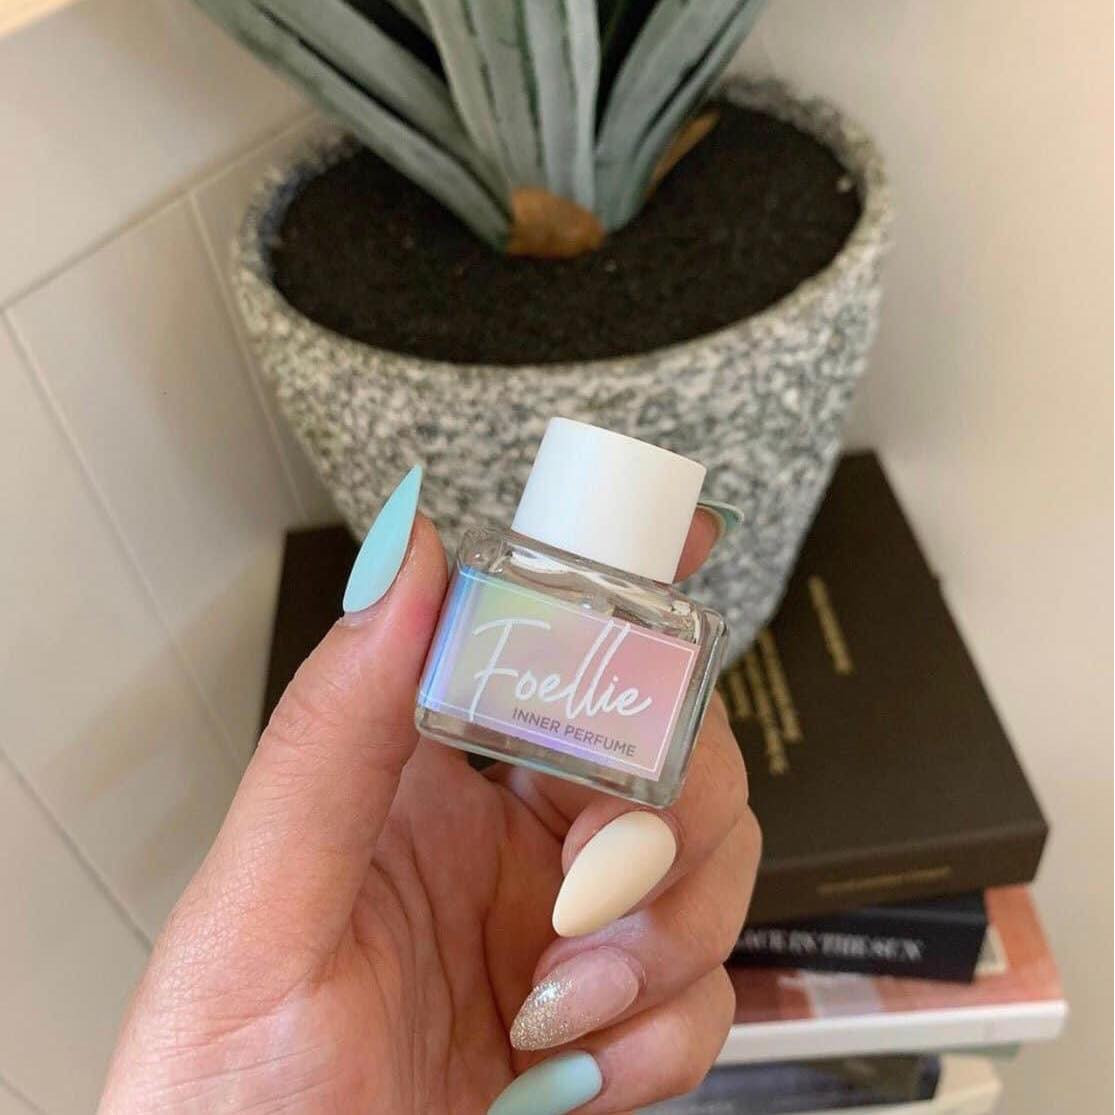 Nước Hoa Vùng Kín Foellie Eau de Inner Perfume 5ml - Ciel